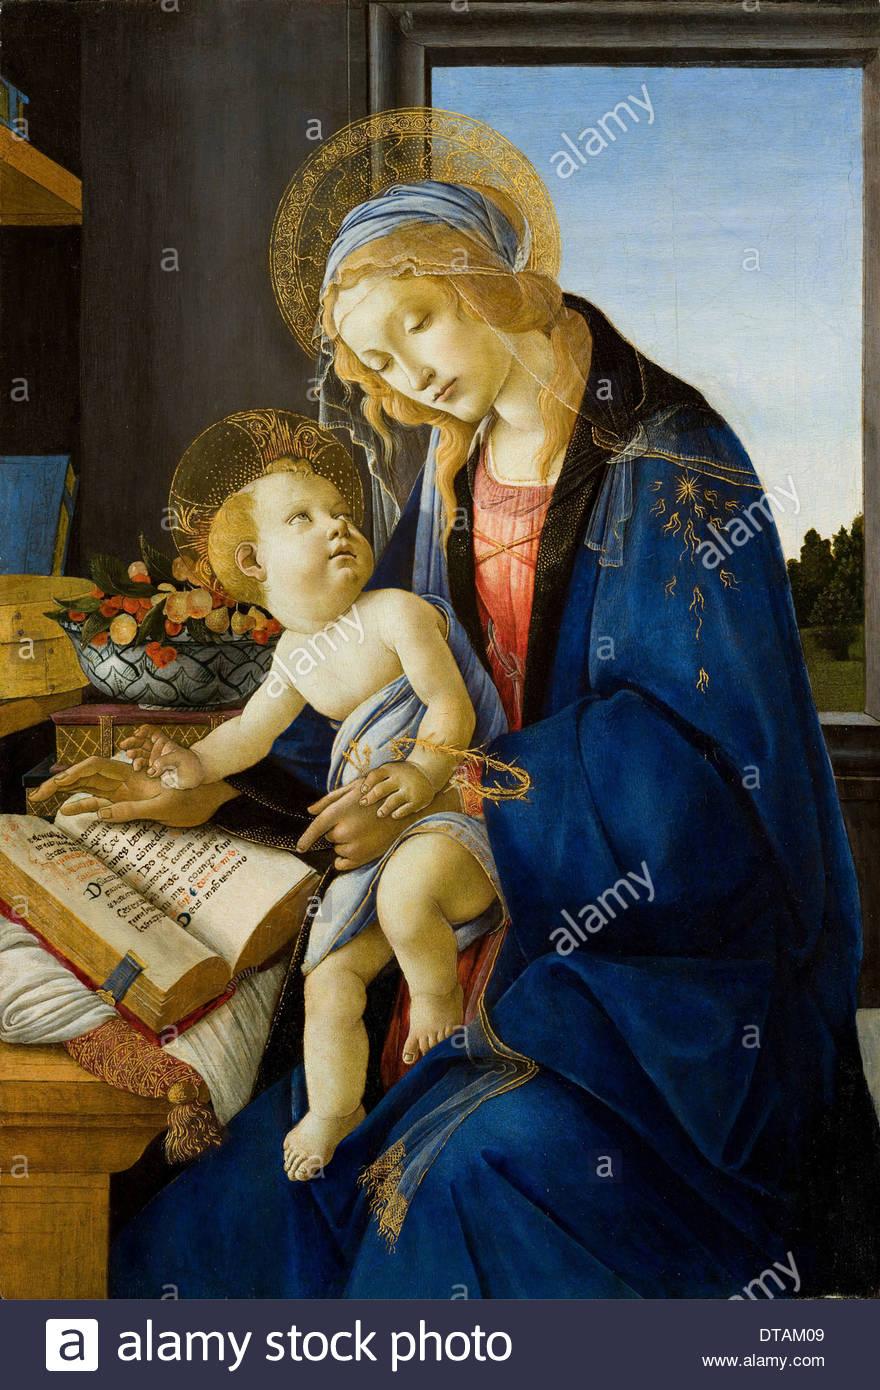 Madonna del libro (Madonna del libro), 1480. Artista: Botticelli, Sandro (1445-1510) Immagini Stock